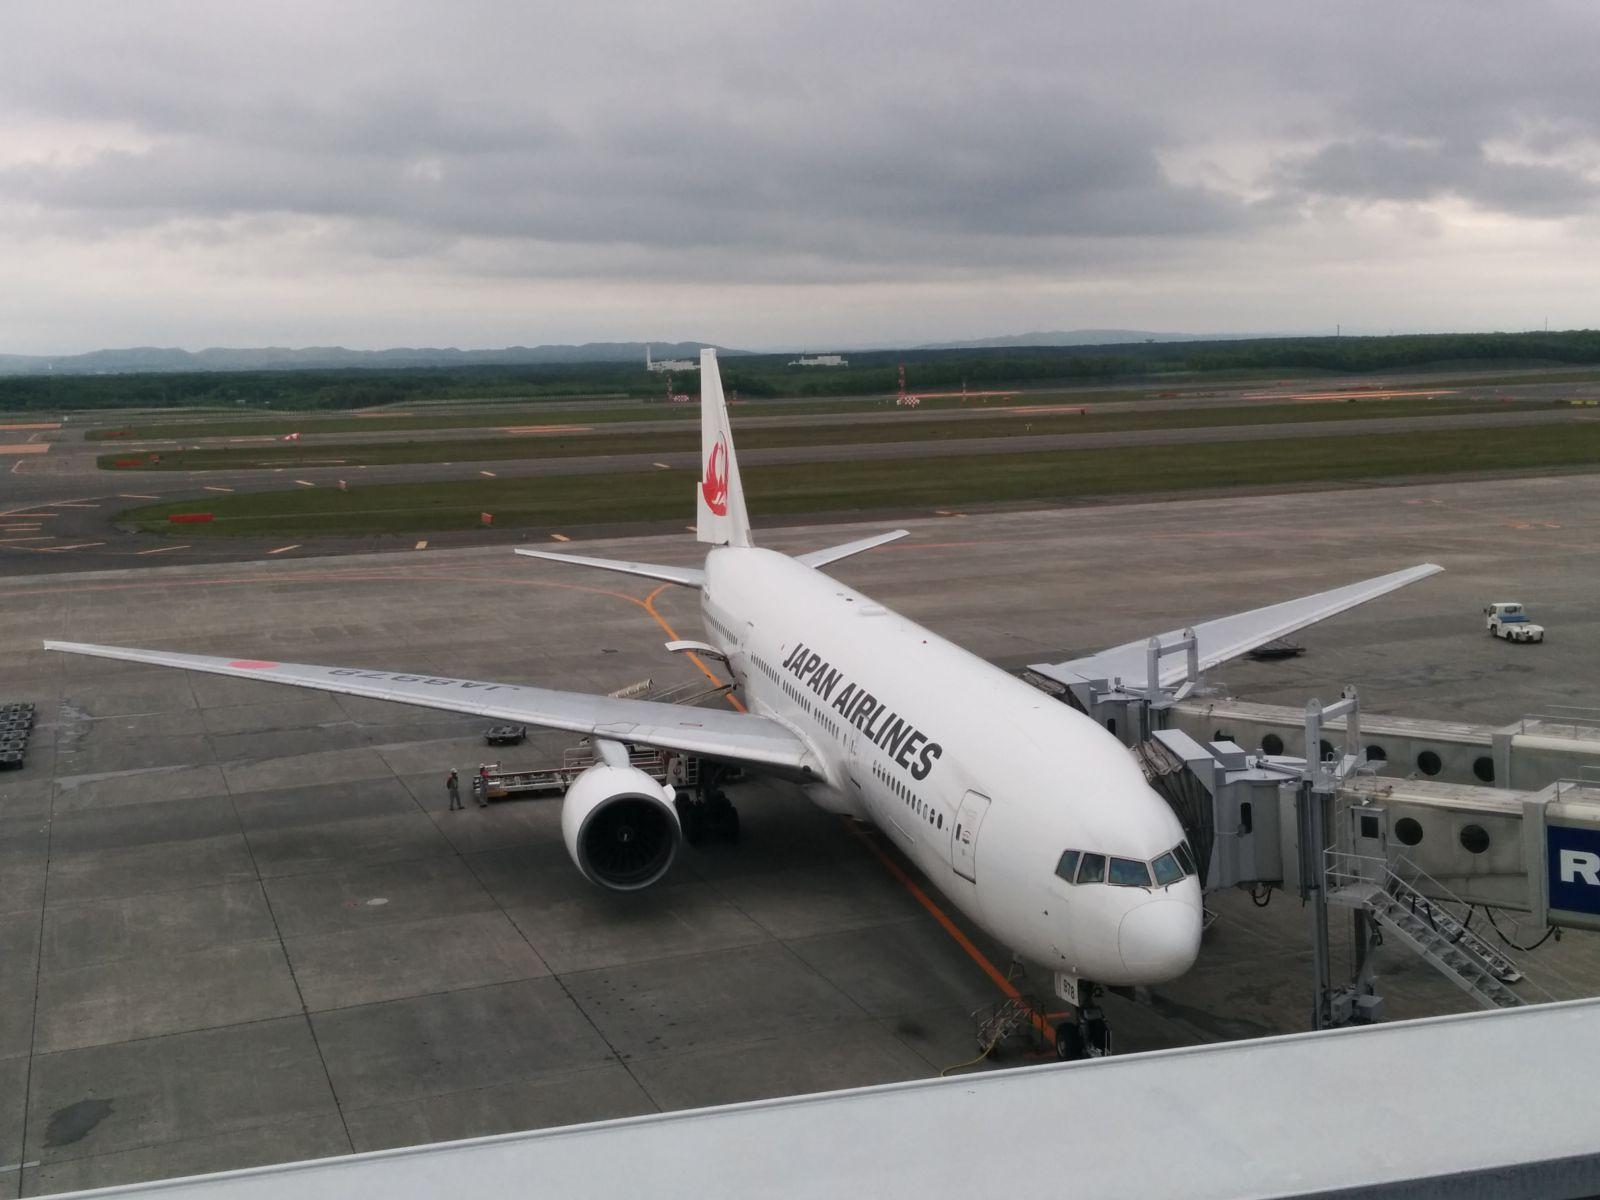 【新千歳空港】新緑の新千歳空港・展望デッキ送迎観光貸切タクシー